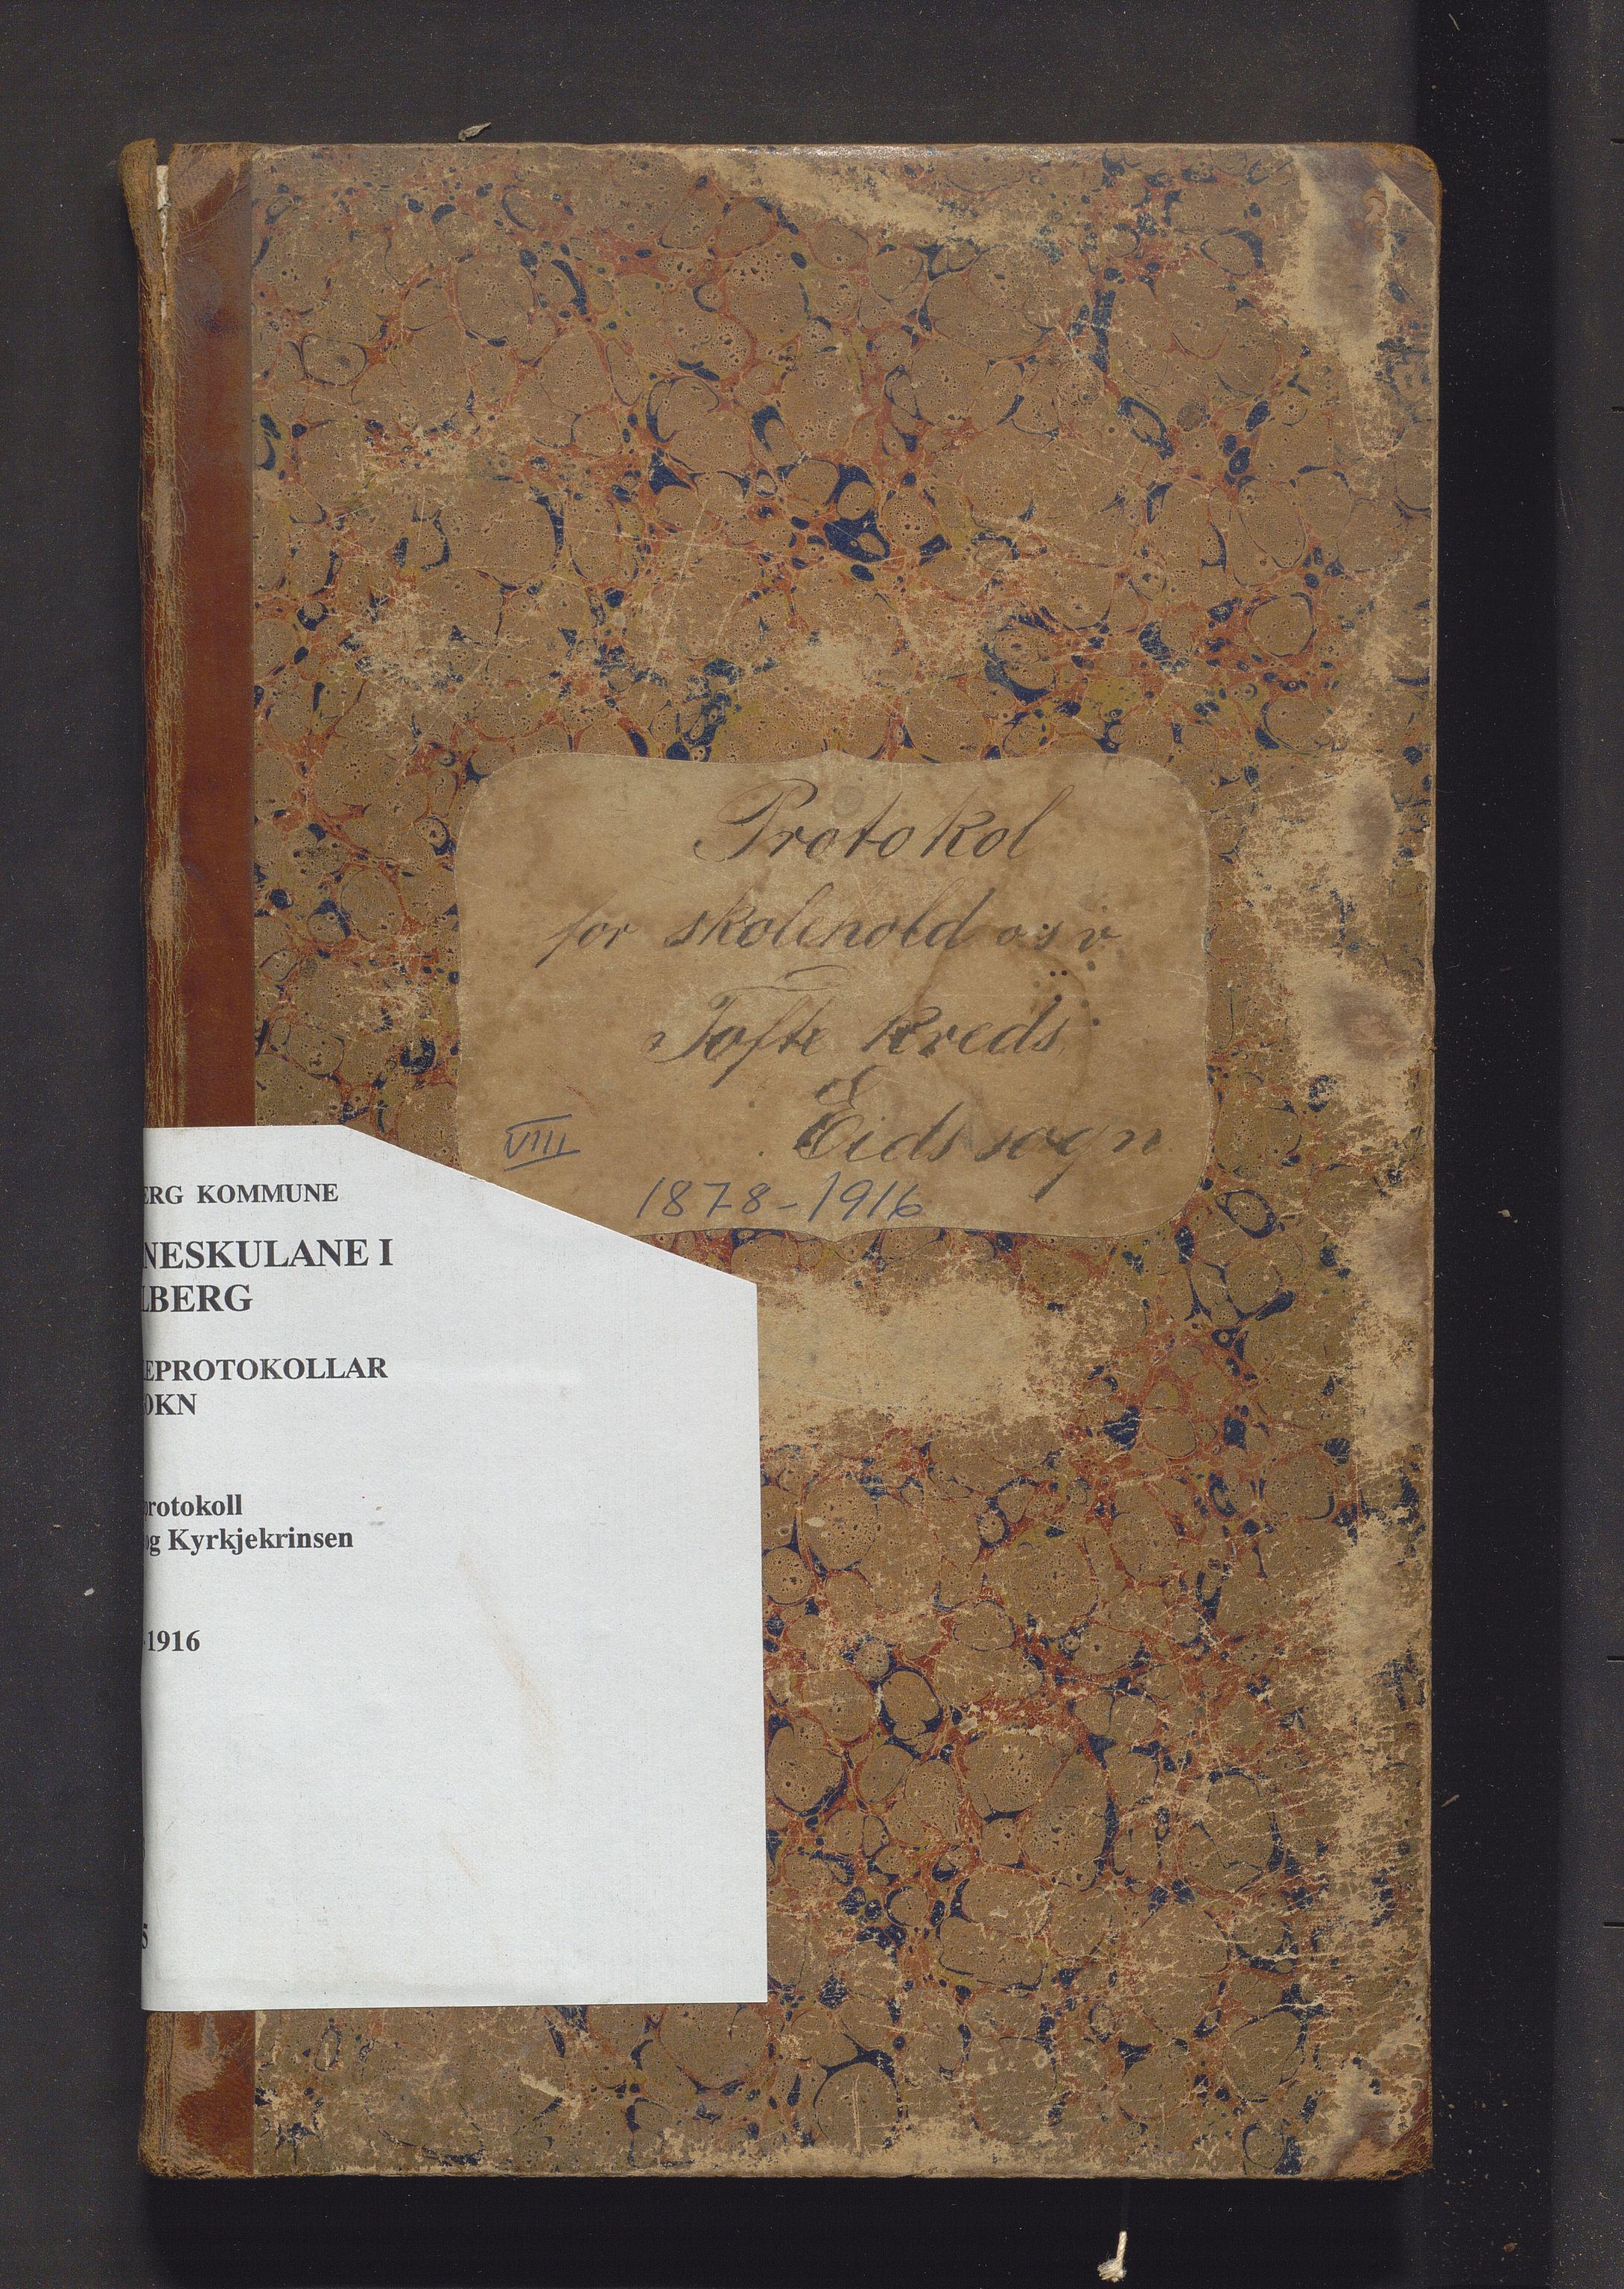 IKAH, Fjelberg kommune. Barneskulane, F/Fb/L0005: Skuleprotokoll for Tofte, Kyrkjekrinsen, Gravdal og Sætre krinsar, 1878-1916